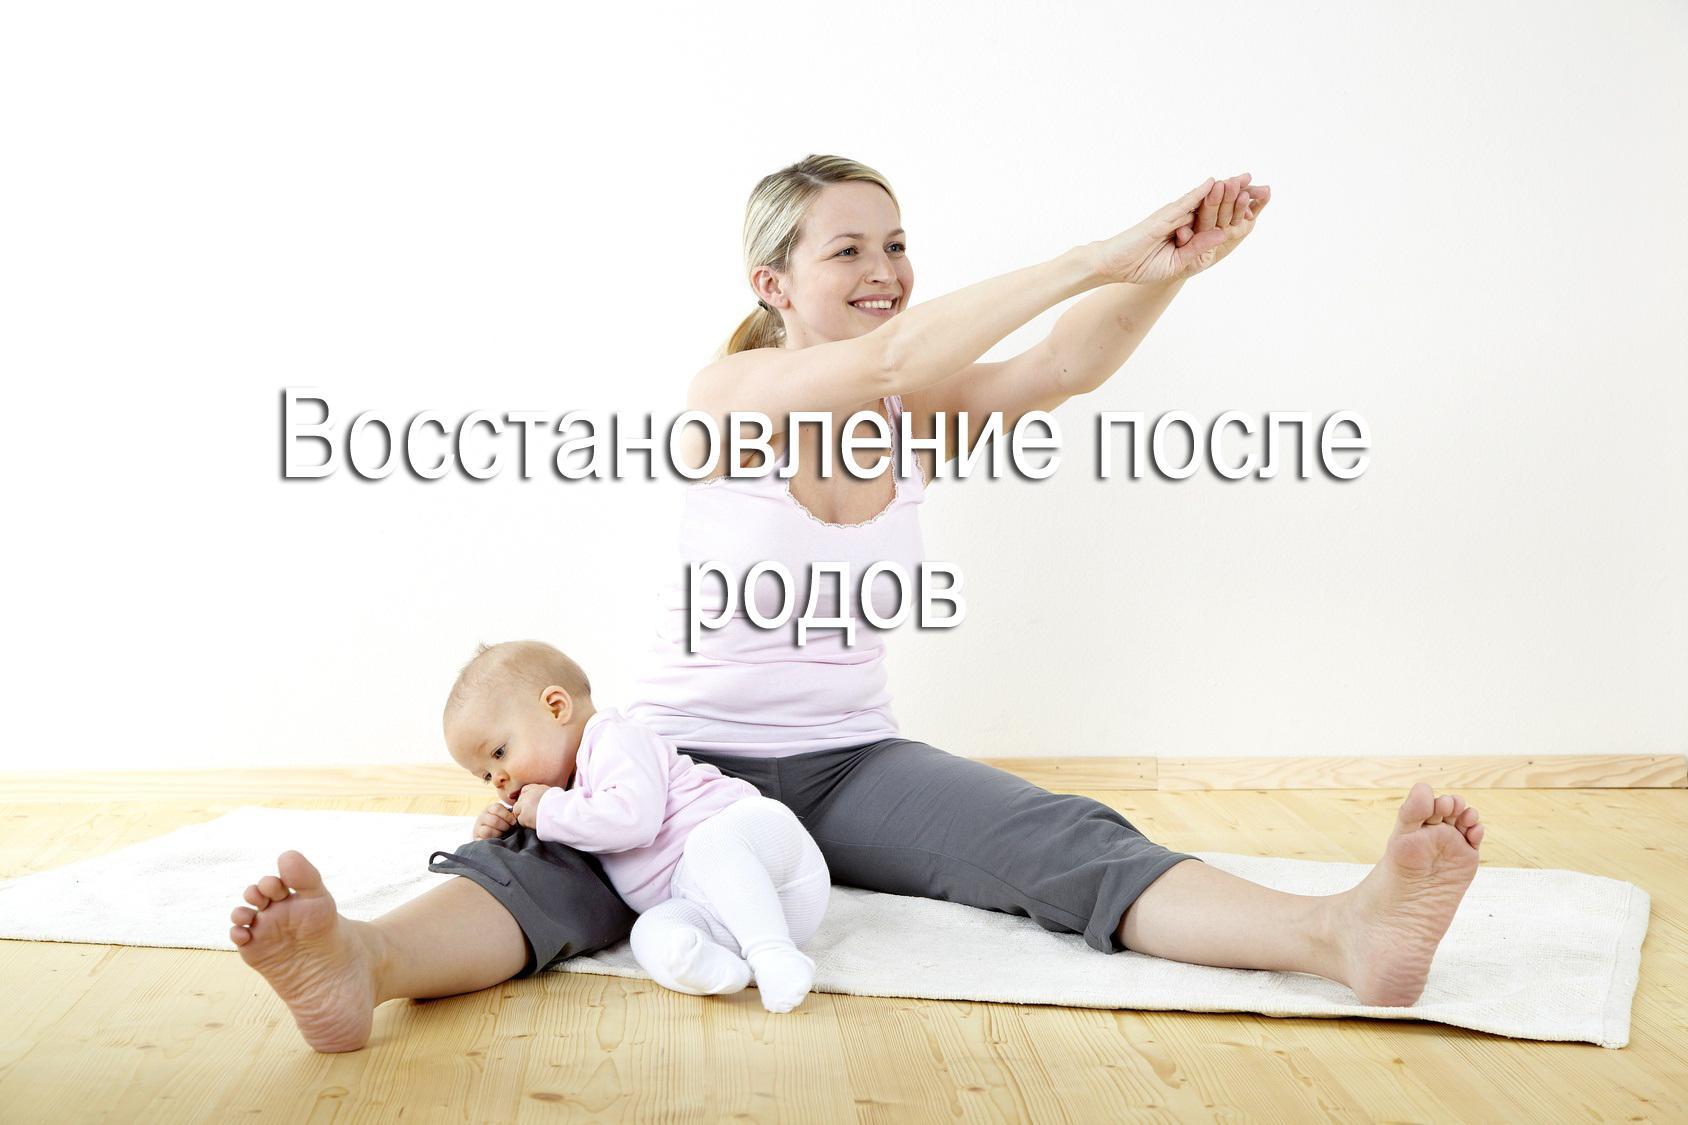 Тренировки после беременности дома